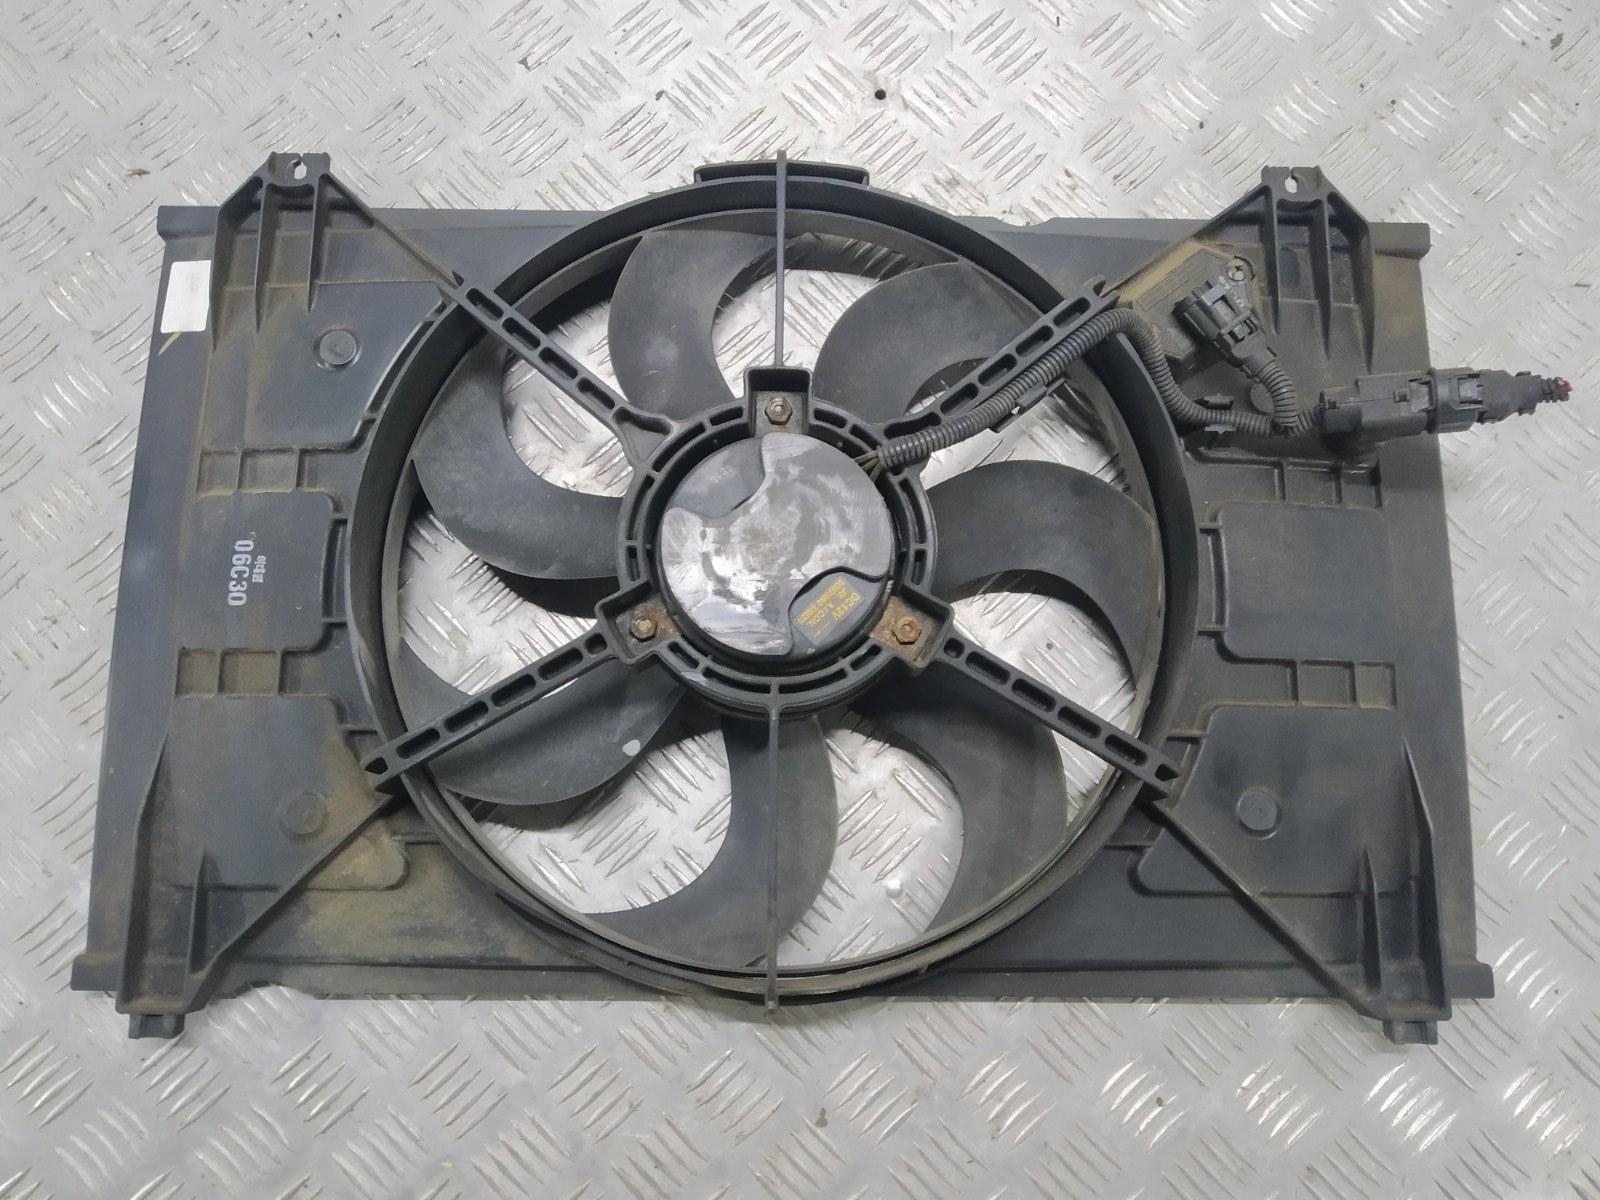 Вентилятор радиатора Kia Rio 1.4 I 2006 (б/у)